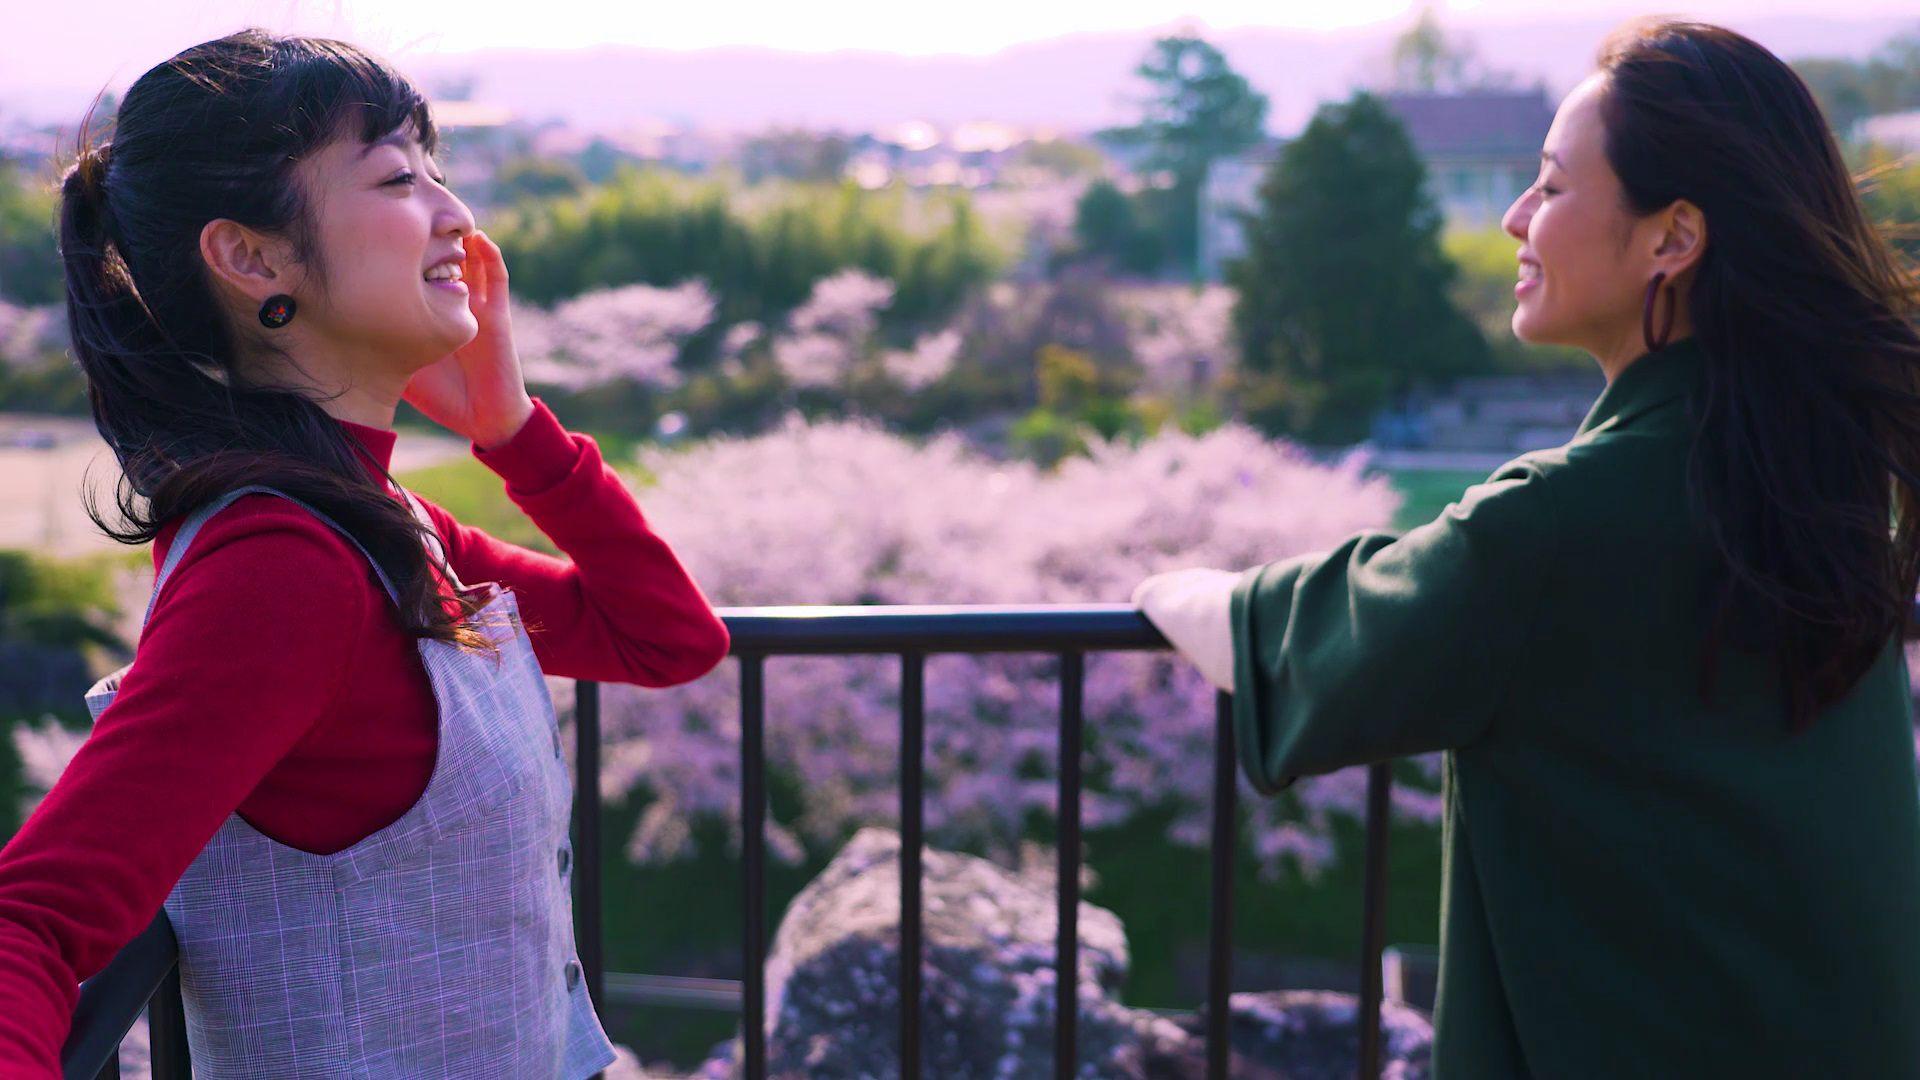 从天守台景观设施可一望樱花景致,让人感觉十分爽快